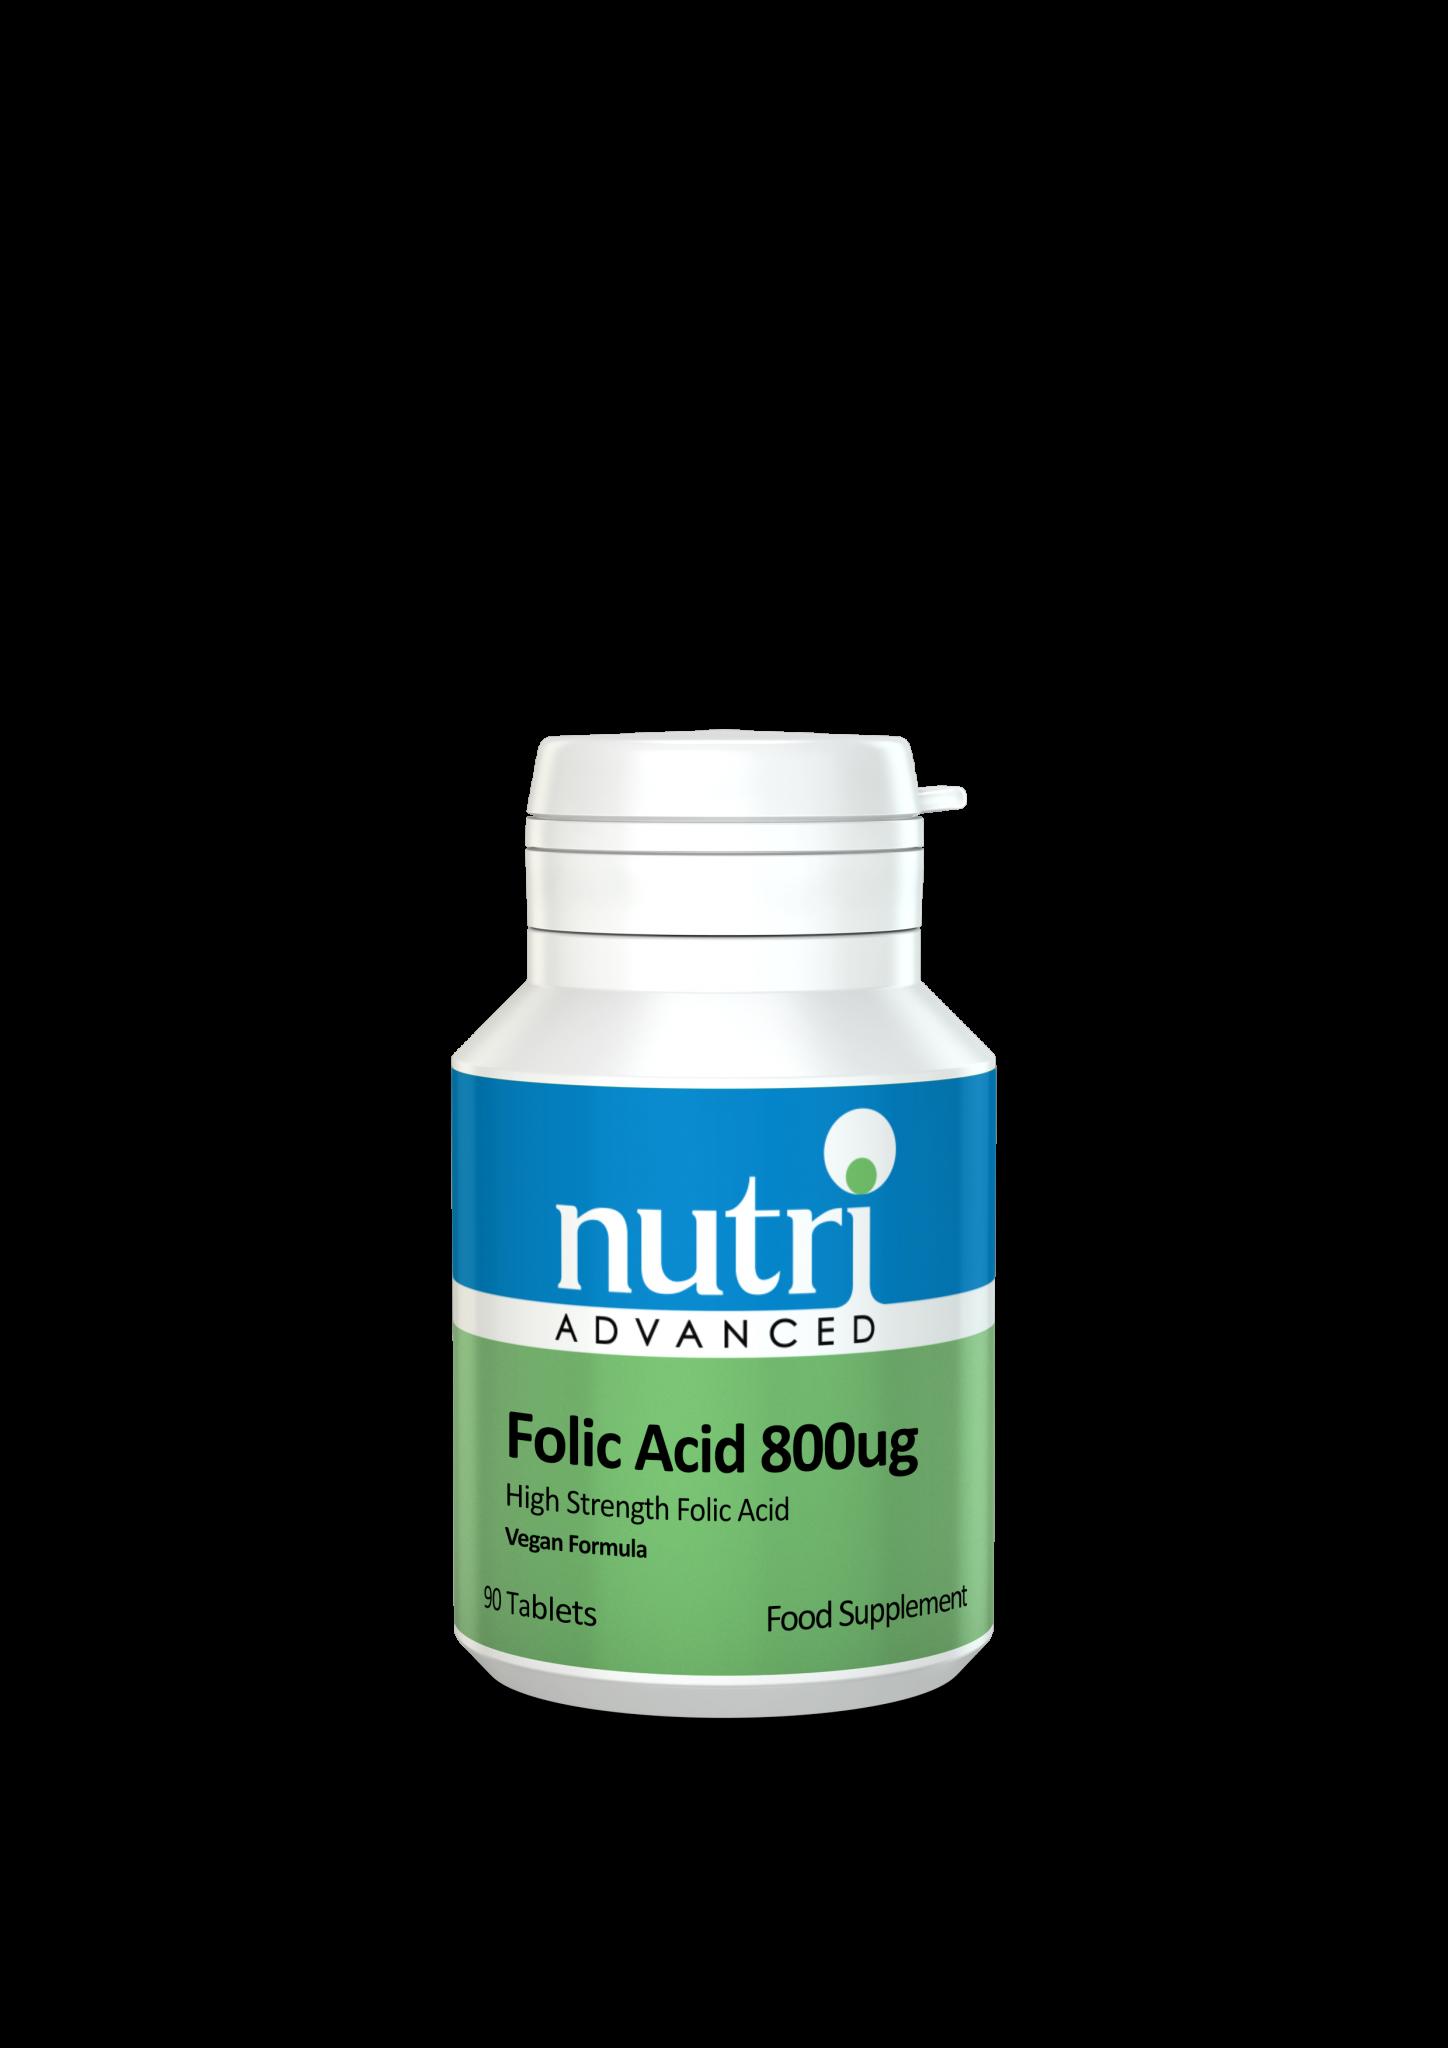 Nutri Folic Acid 800ug 90 tabs